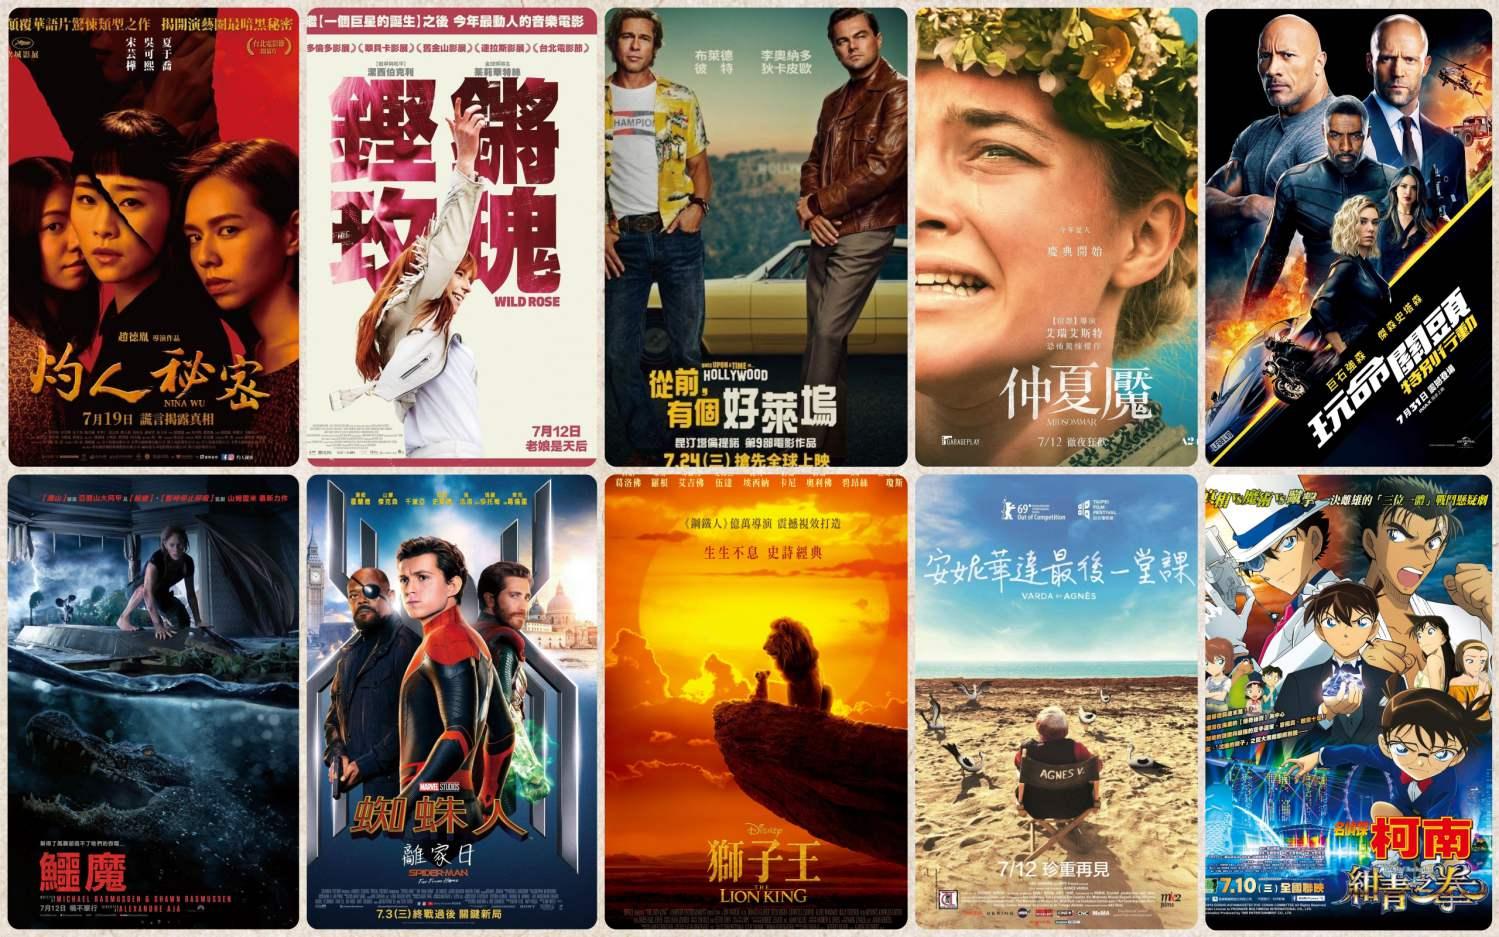 【電影推薦】2019年7月值得一看的22部電影 - 如履的電影筆記